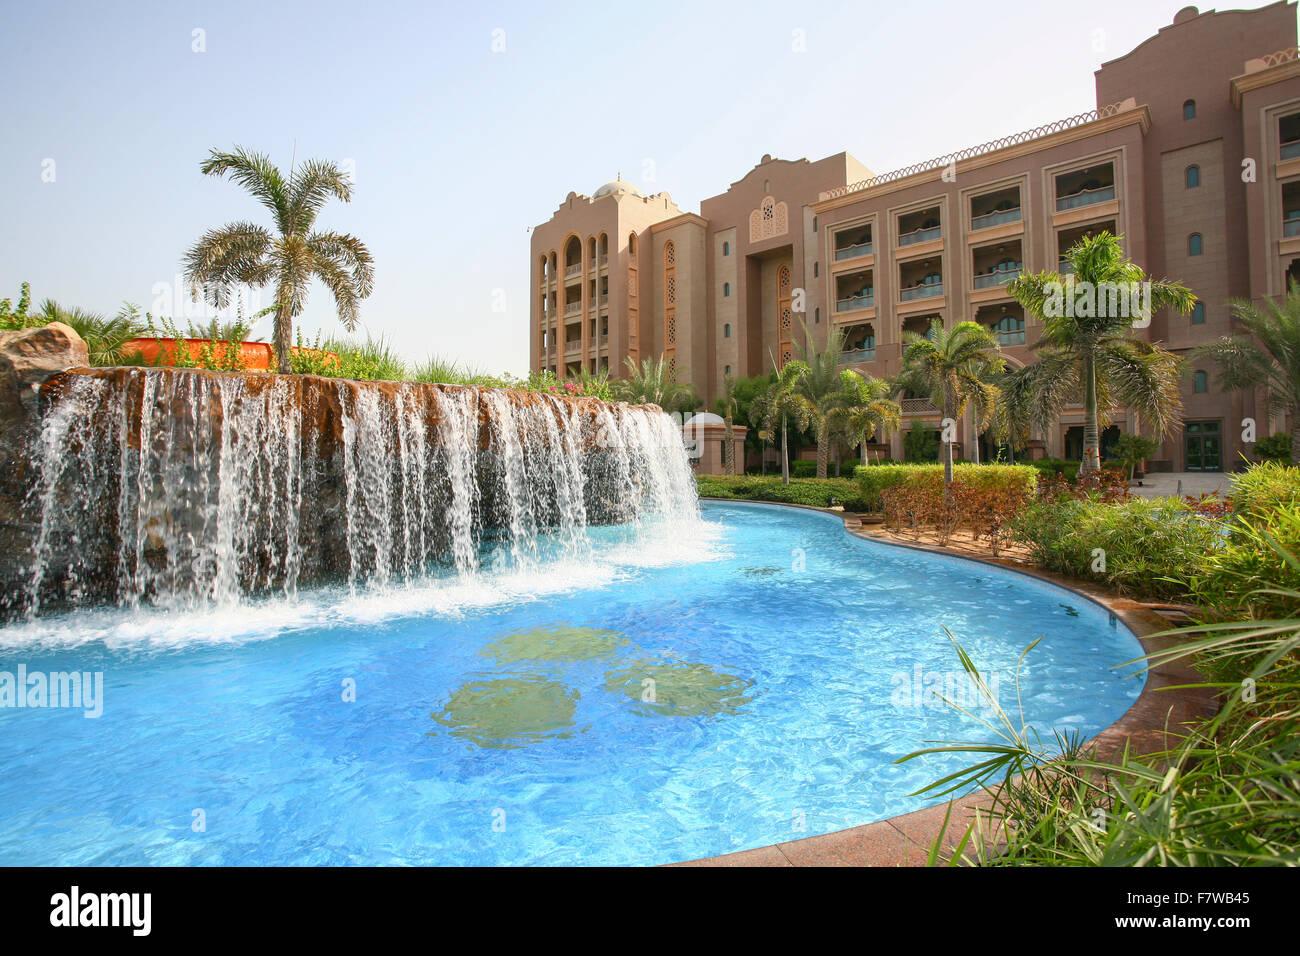 Swimming Pool In Emirates Palace Hotel Abu Dhabi United Arab Stock Photo Royalty Free Image